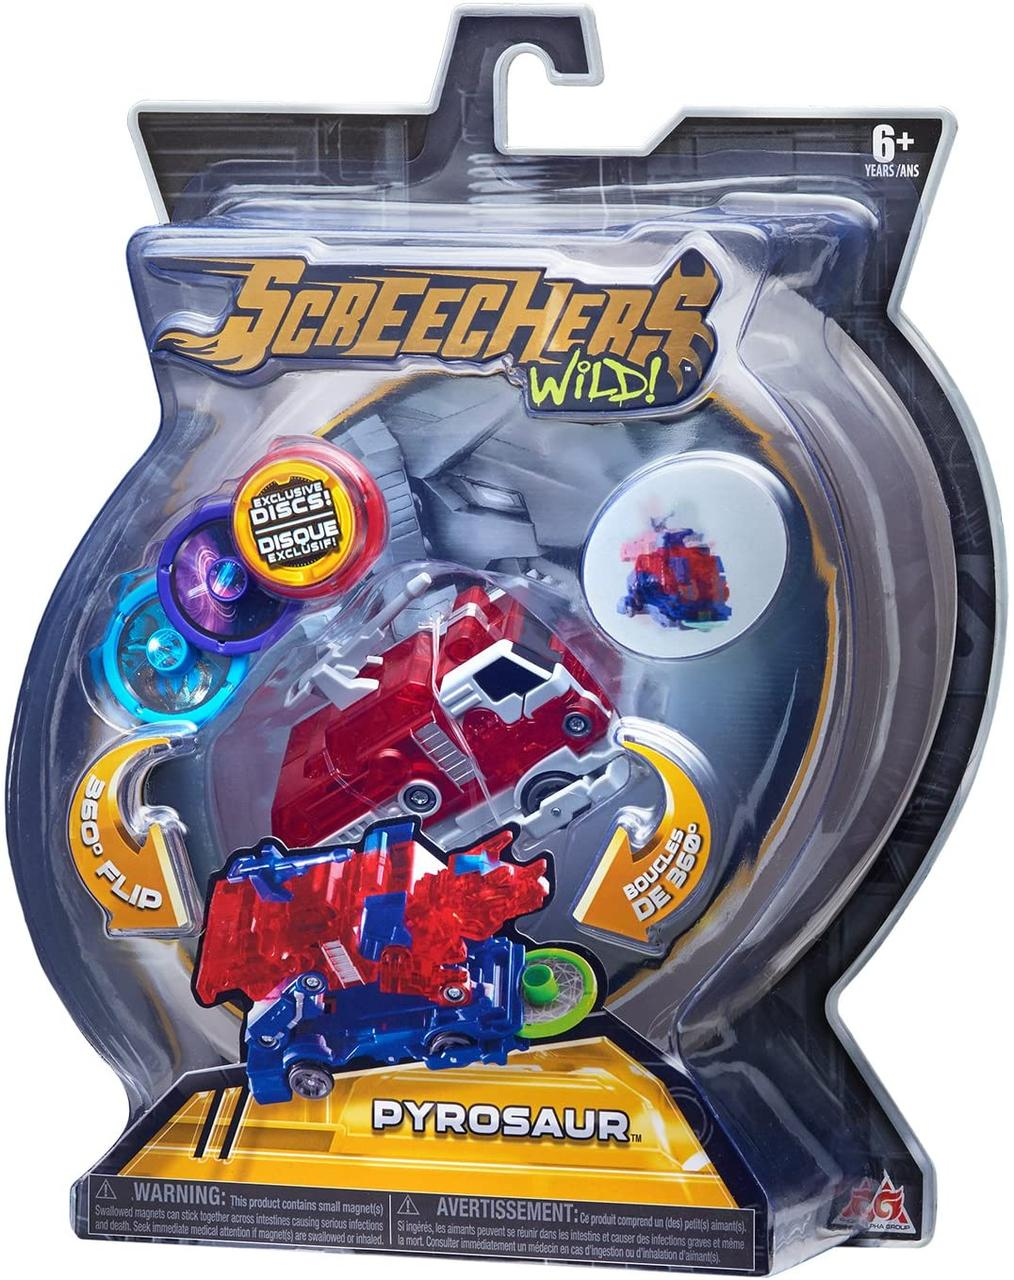 Дикі Скричеры Пирозавр, Pyrosaur Screechers Wild L-2 (оригінал США)